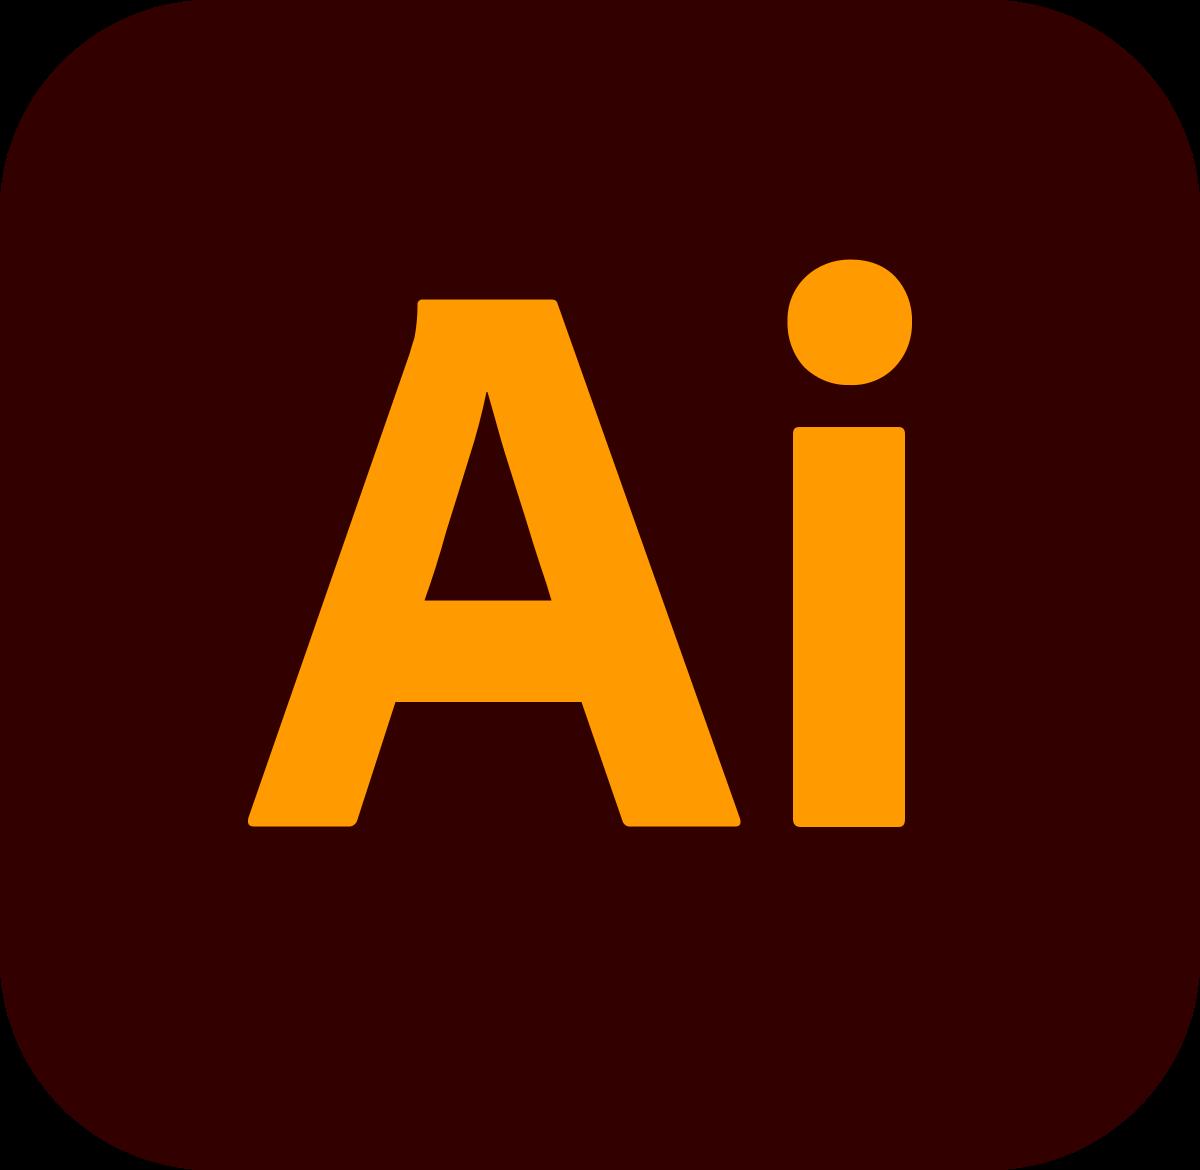 Adobe Illustrator Crack 2021 v25.2.3.259 + License File [Reddit]